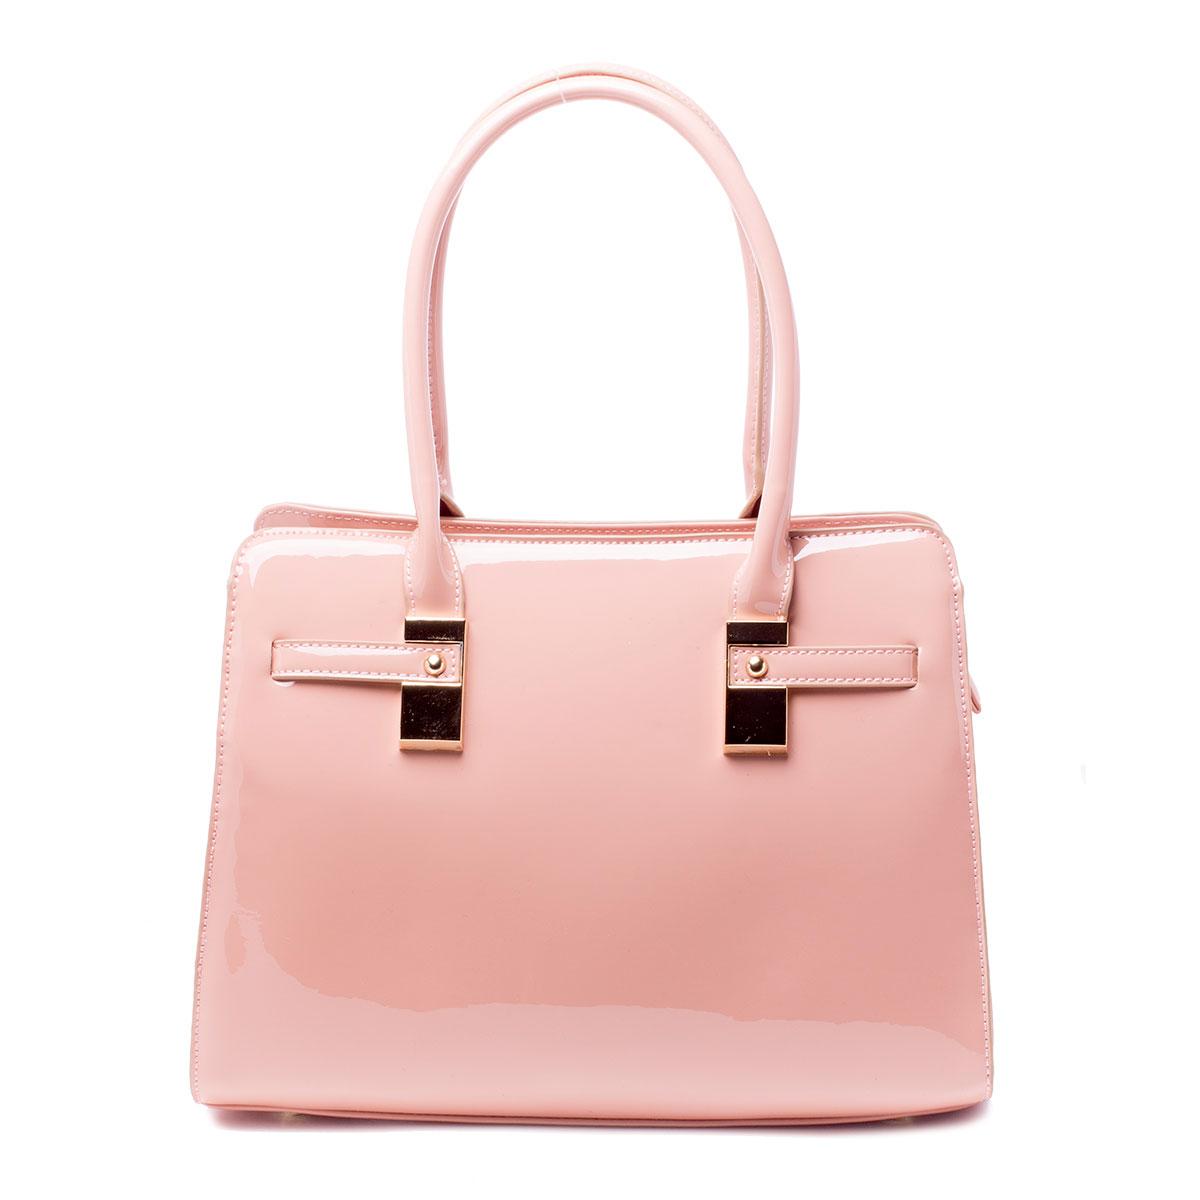 Сумка женская Baggini, цвет: розовый. 35605/63BP-001 BKСтильная женская сумка Baggini выполнена из искусственной кожи. Изделие содержит одно отделение и закрывается на застежку-молнию. Внутри расположены два накладных кармана, врезной карман на застежке-молнии и карман-средник на молнии. Задняя сторона сумки дополнена врезным карманом на молнии.Сумка оснащена двумя удобными ручками средней высоты. Дно сумки дополнено металлическими ножками.